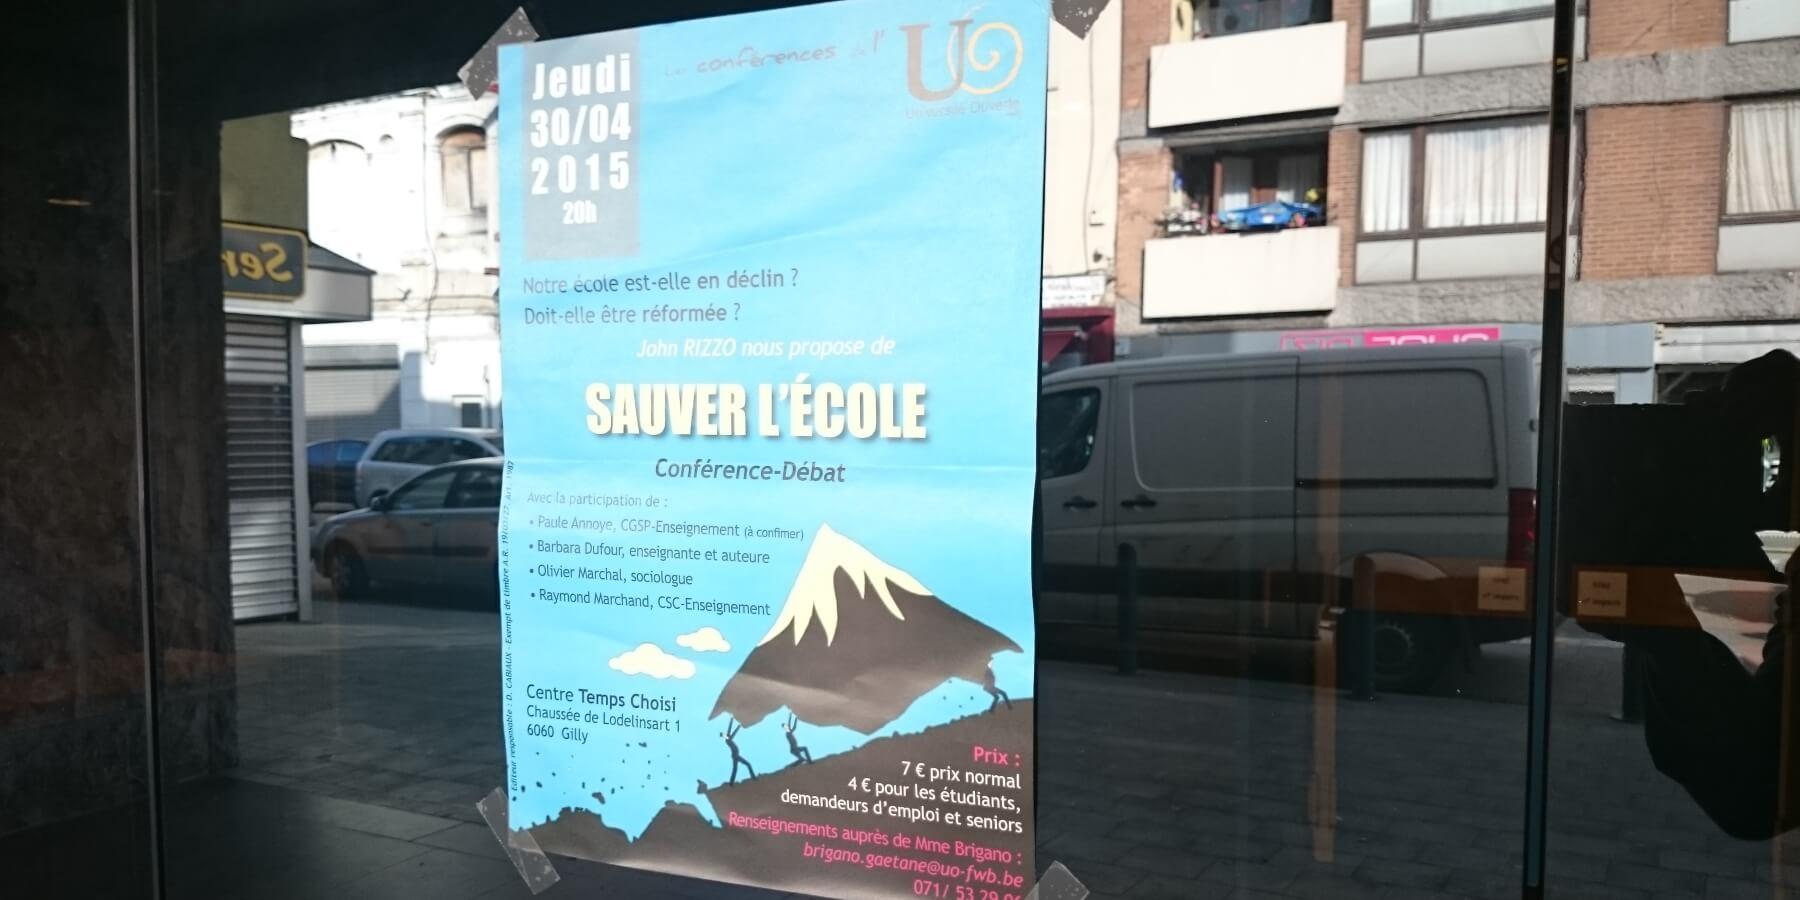 A-Sauver-l-ecole-universite-ouverte